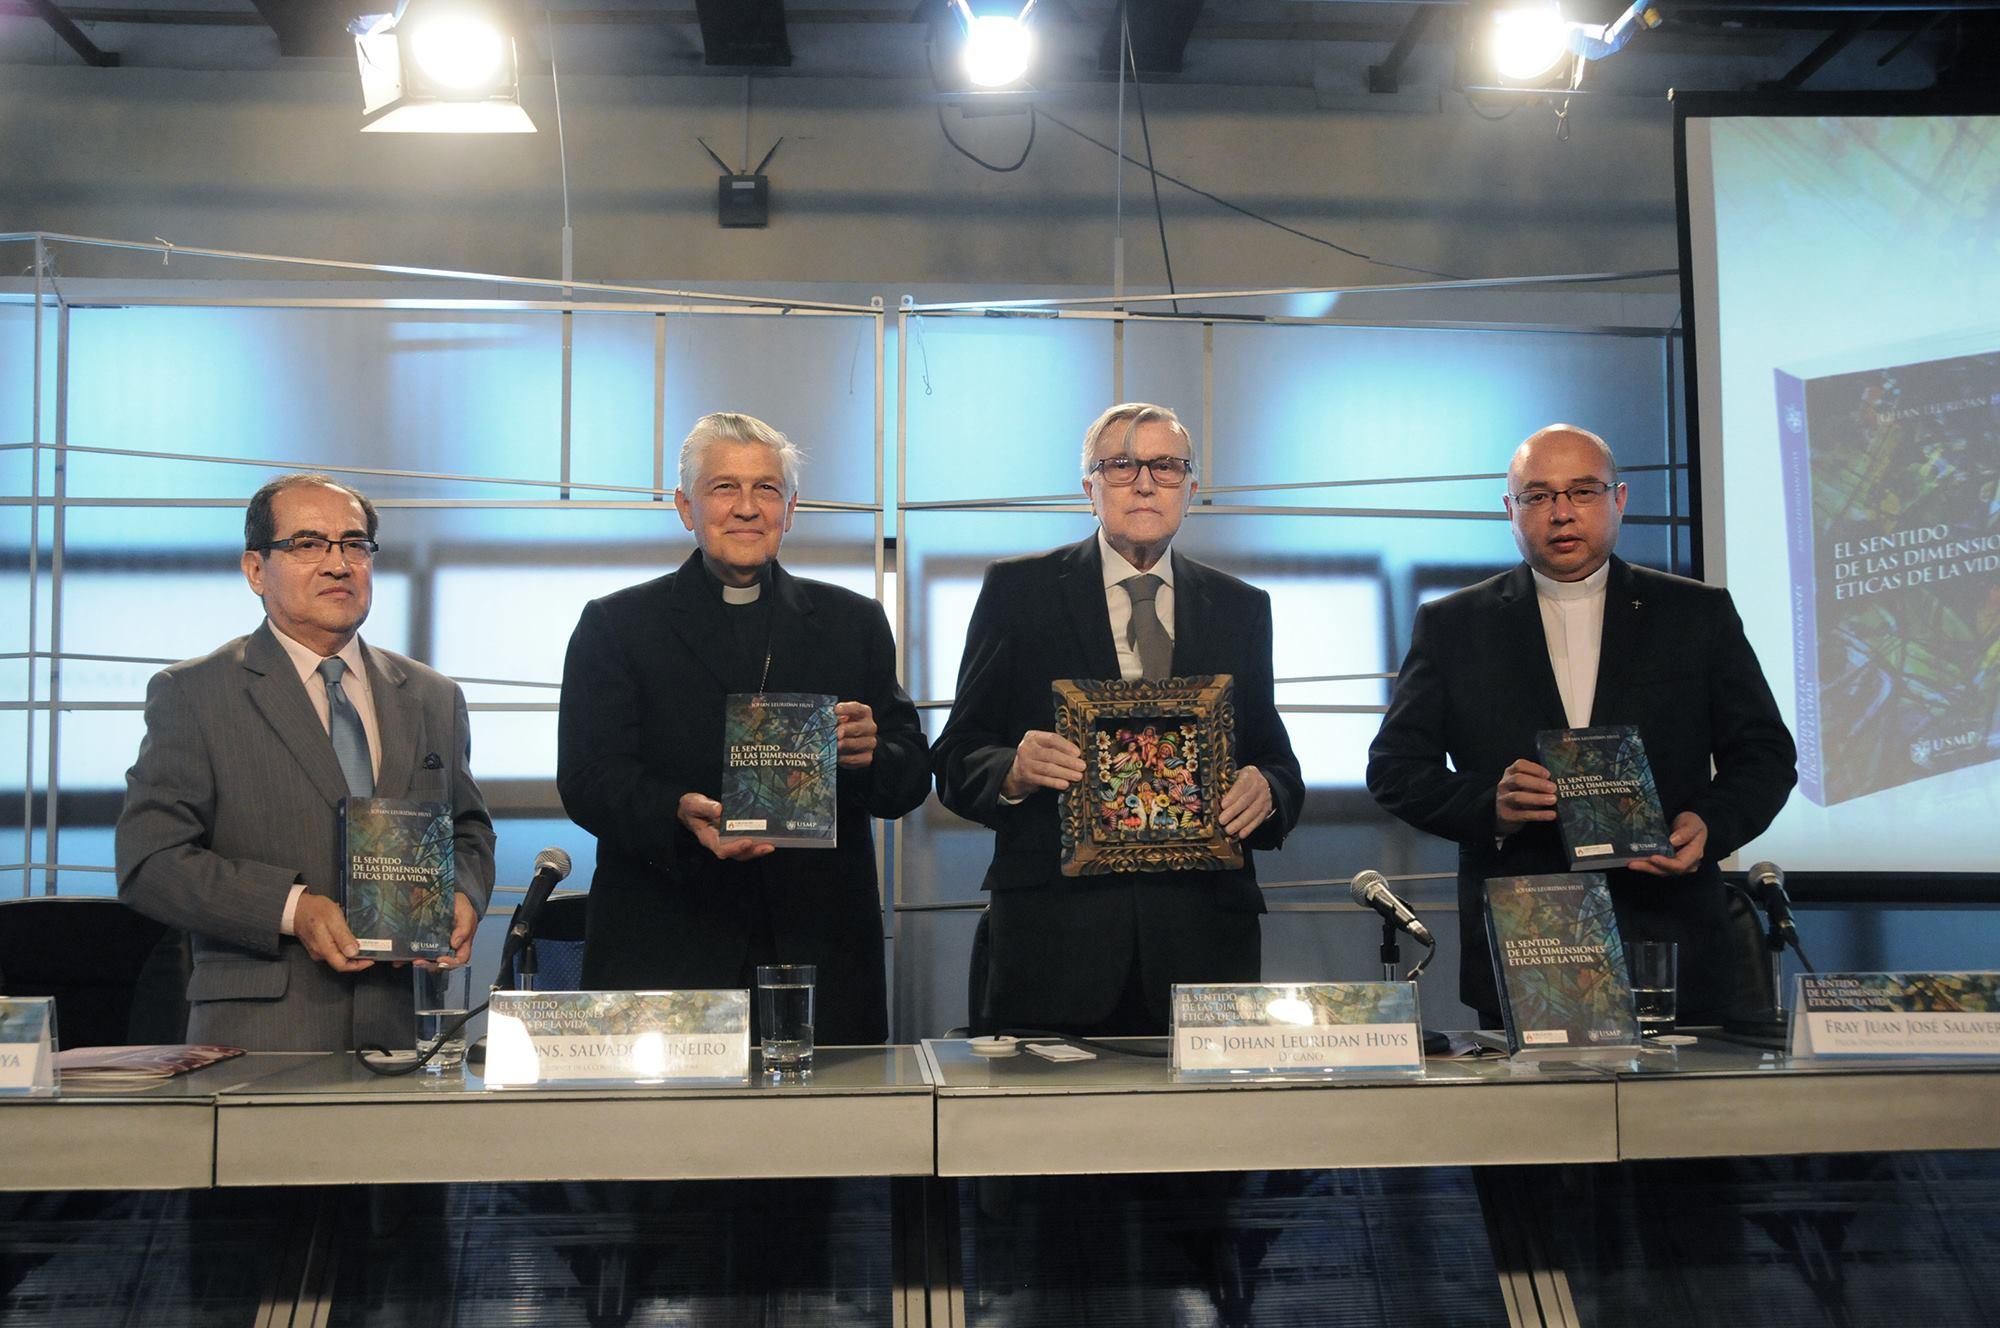 El Sentido de las Dimensiones Eticas de la Vida Nuevo Libro Johan Leuridan Huys FCCTP USMP 1